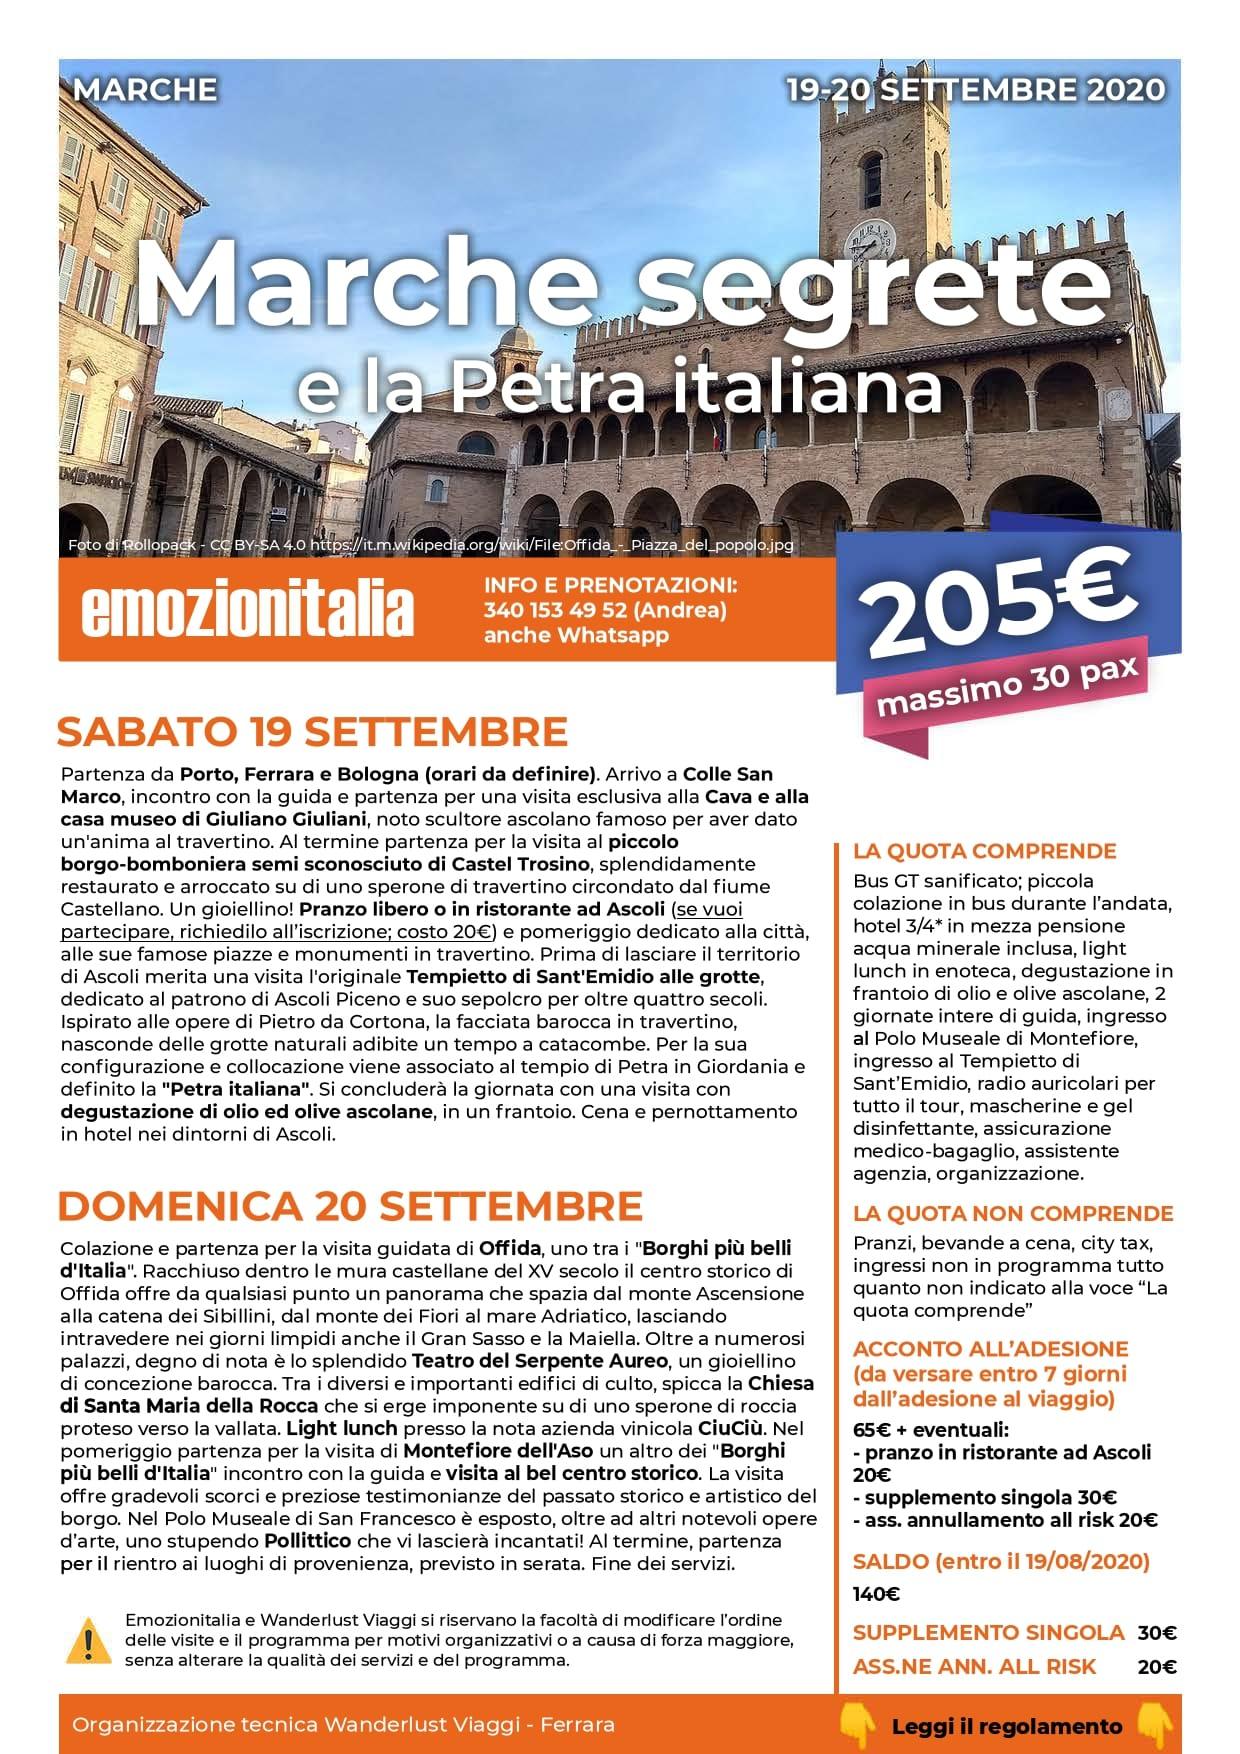 Viaggio-Organizzato-Gruppo-Marche-Segrete